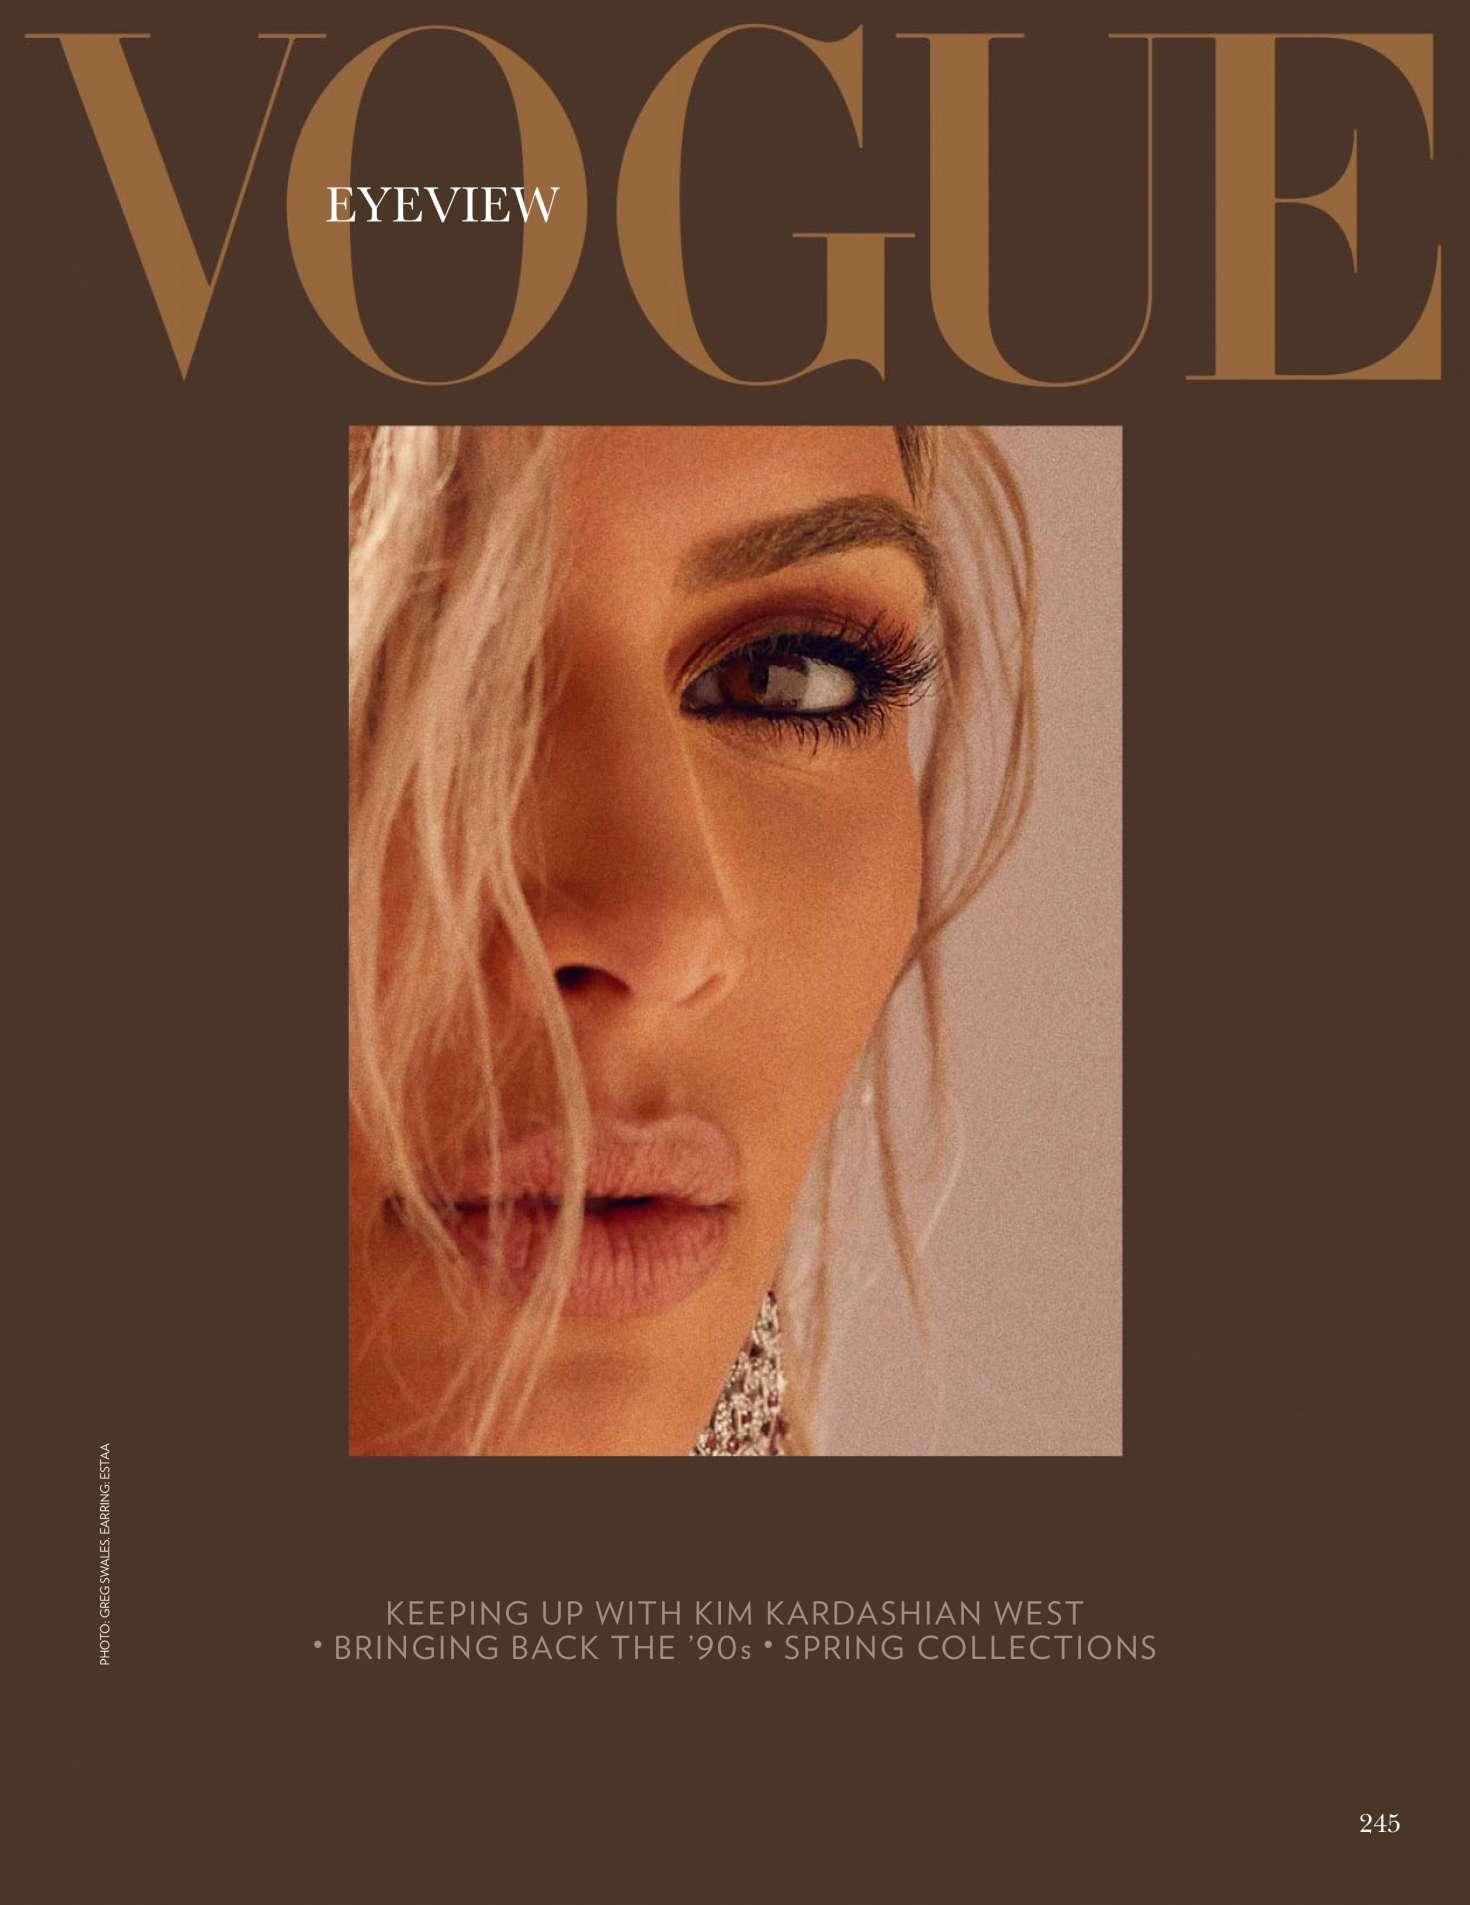 Kim Kardashian 2018 : Kim Kardashian: Vogue India 2018 adds -19